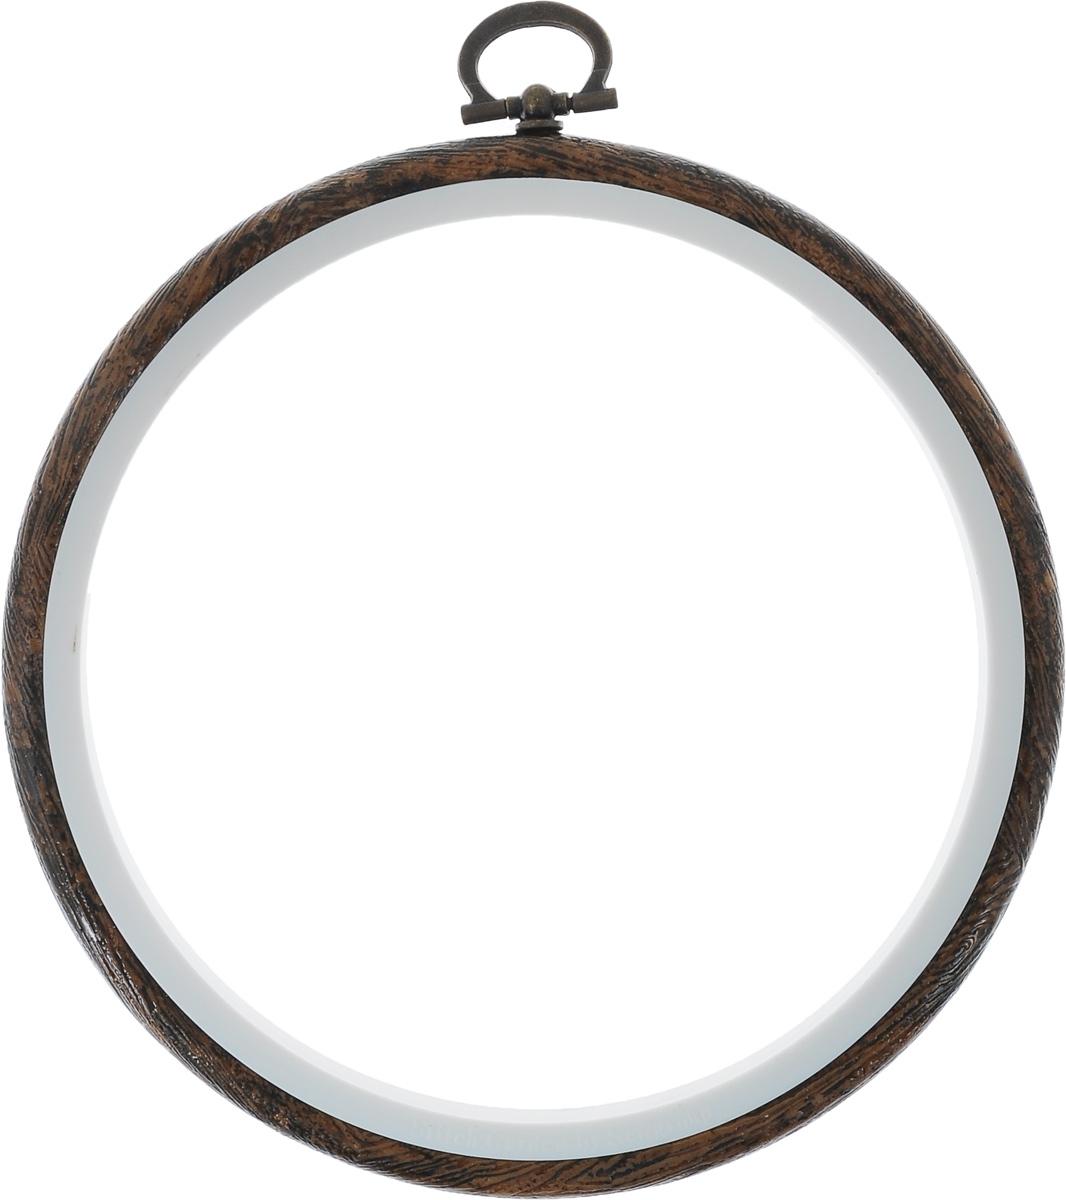 Пяльцы-рамка Hemline, диаметр 12,5 смN9005/WПяльцы-рамка Hemline, выполненные из пластика, идеально подходят для вышивки. Изделие можно использовать как пяльцы для вышивания или как рамку для оформления готовой работы. Пяльцы надежно фиксируют ткань, натяжение можно ослабить поворотом металлического кольца. Внутренний диаметр пяльцев: 12,5 см. Внешний диаметр пяльцев: 14,5 см.